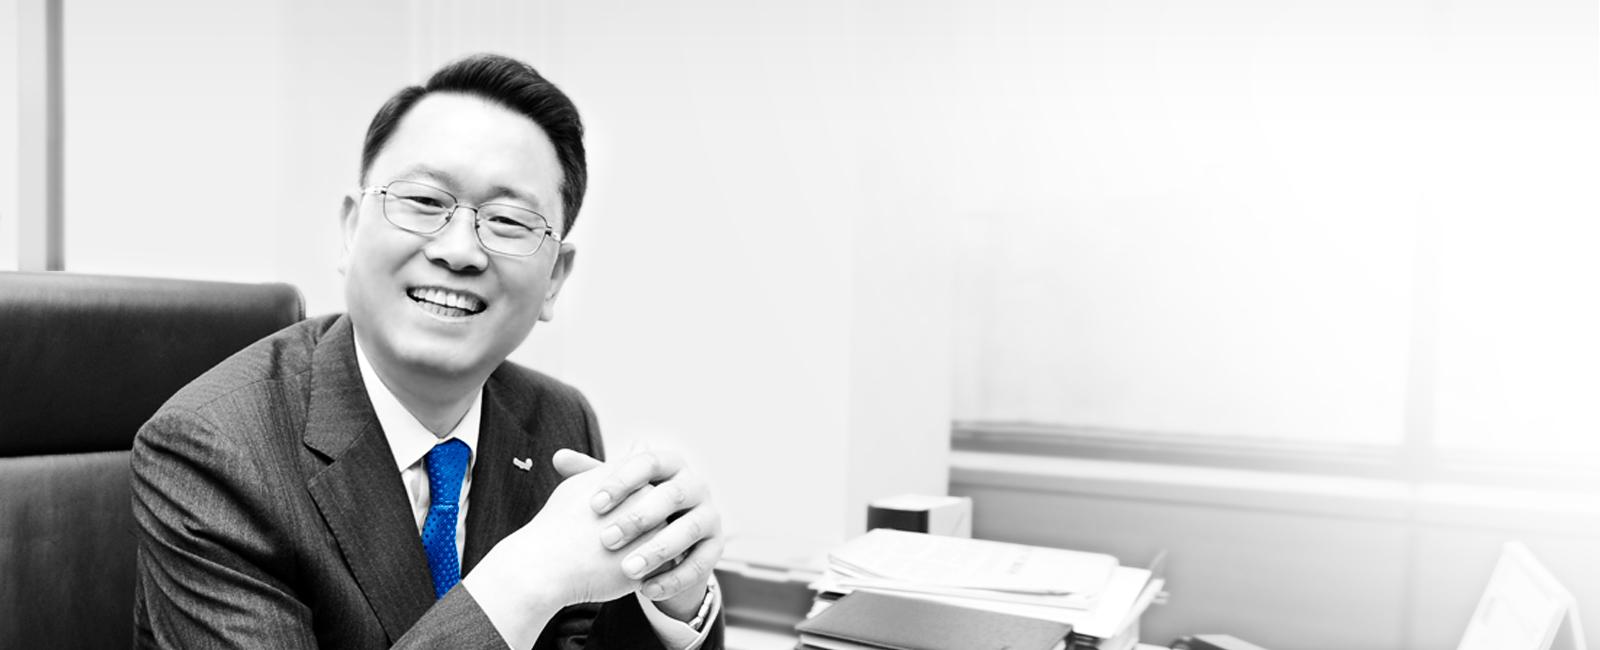 동원시스템 조점근 대표이사의 미소 띈 모습